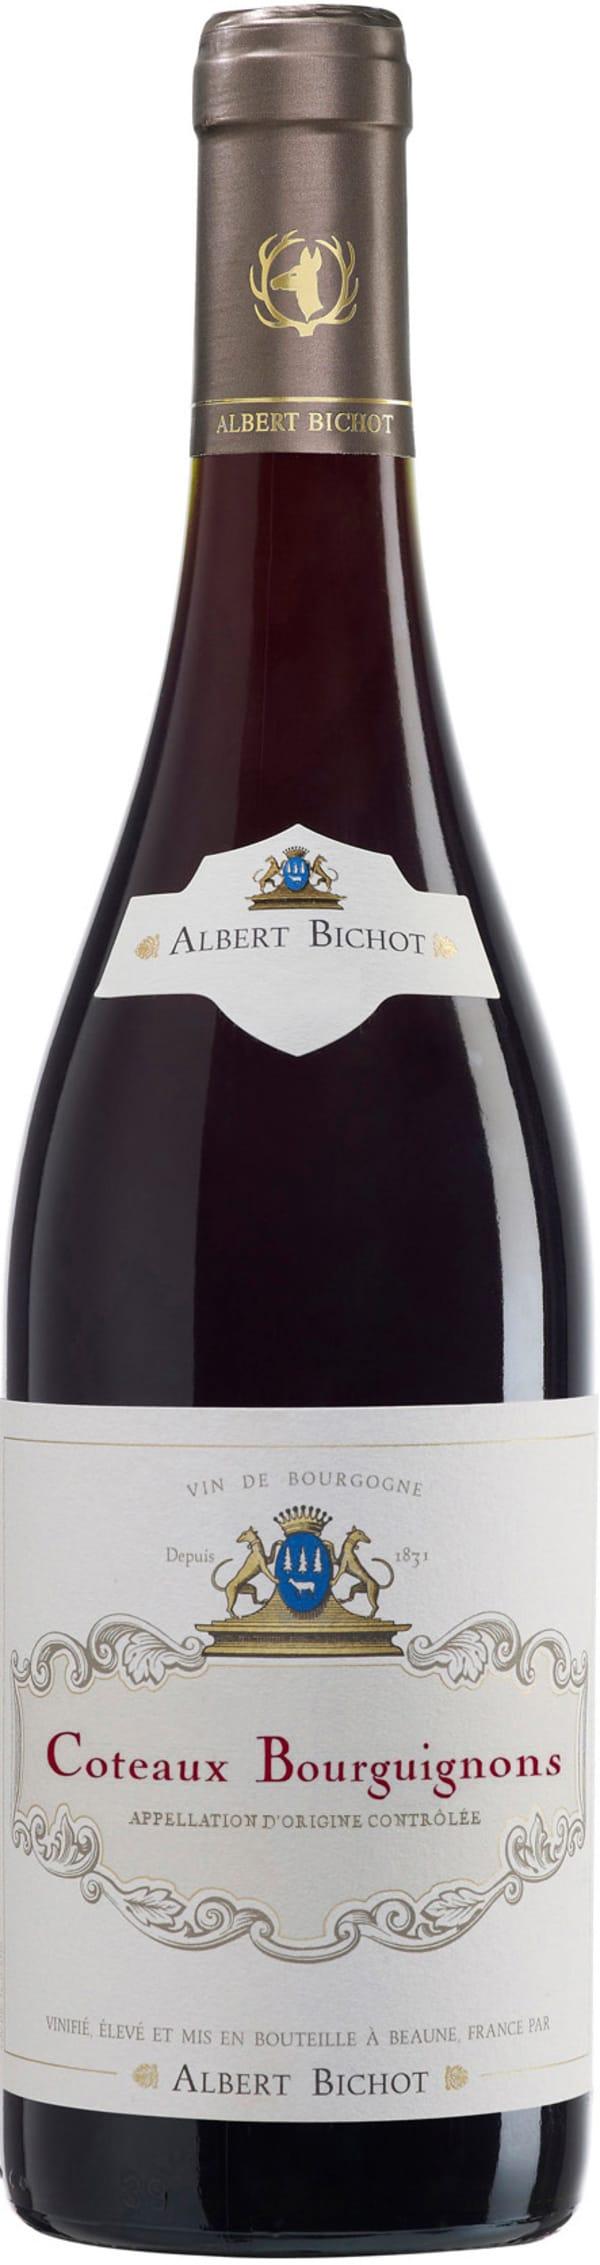 Albert Bichot Coteaux Bourguignons 2018